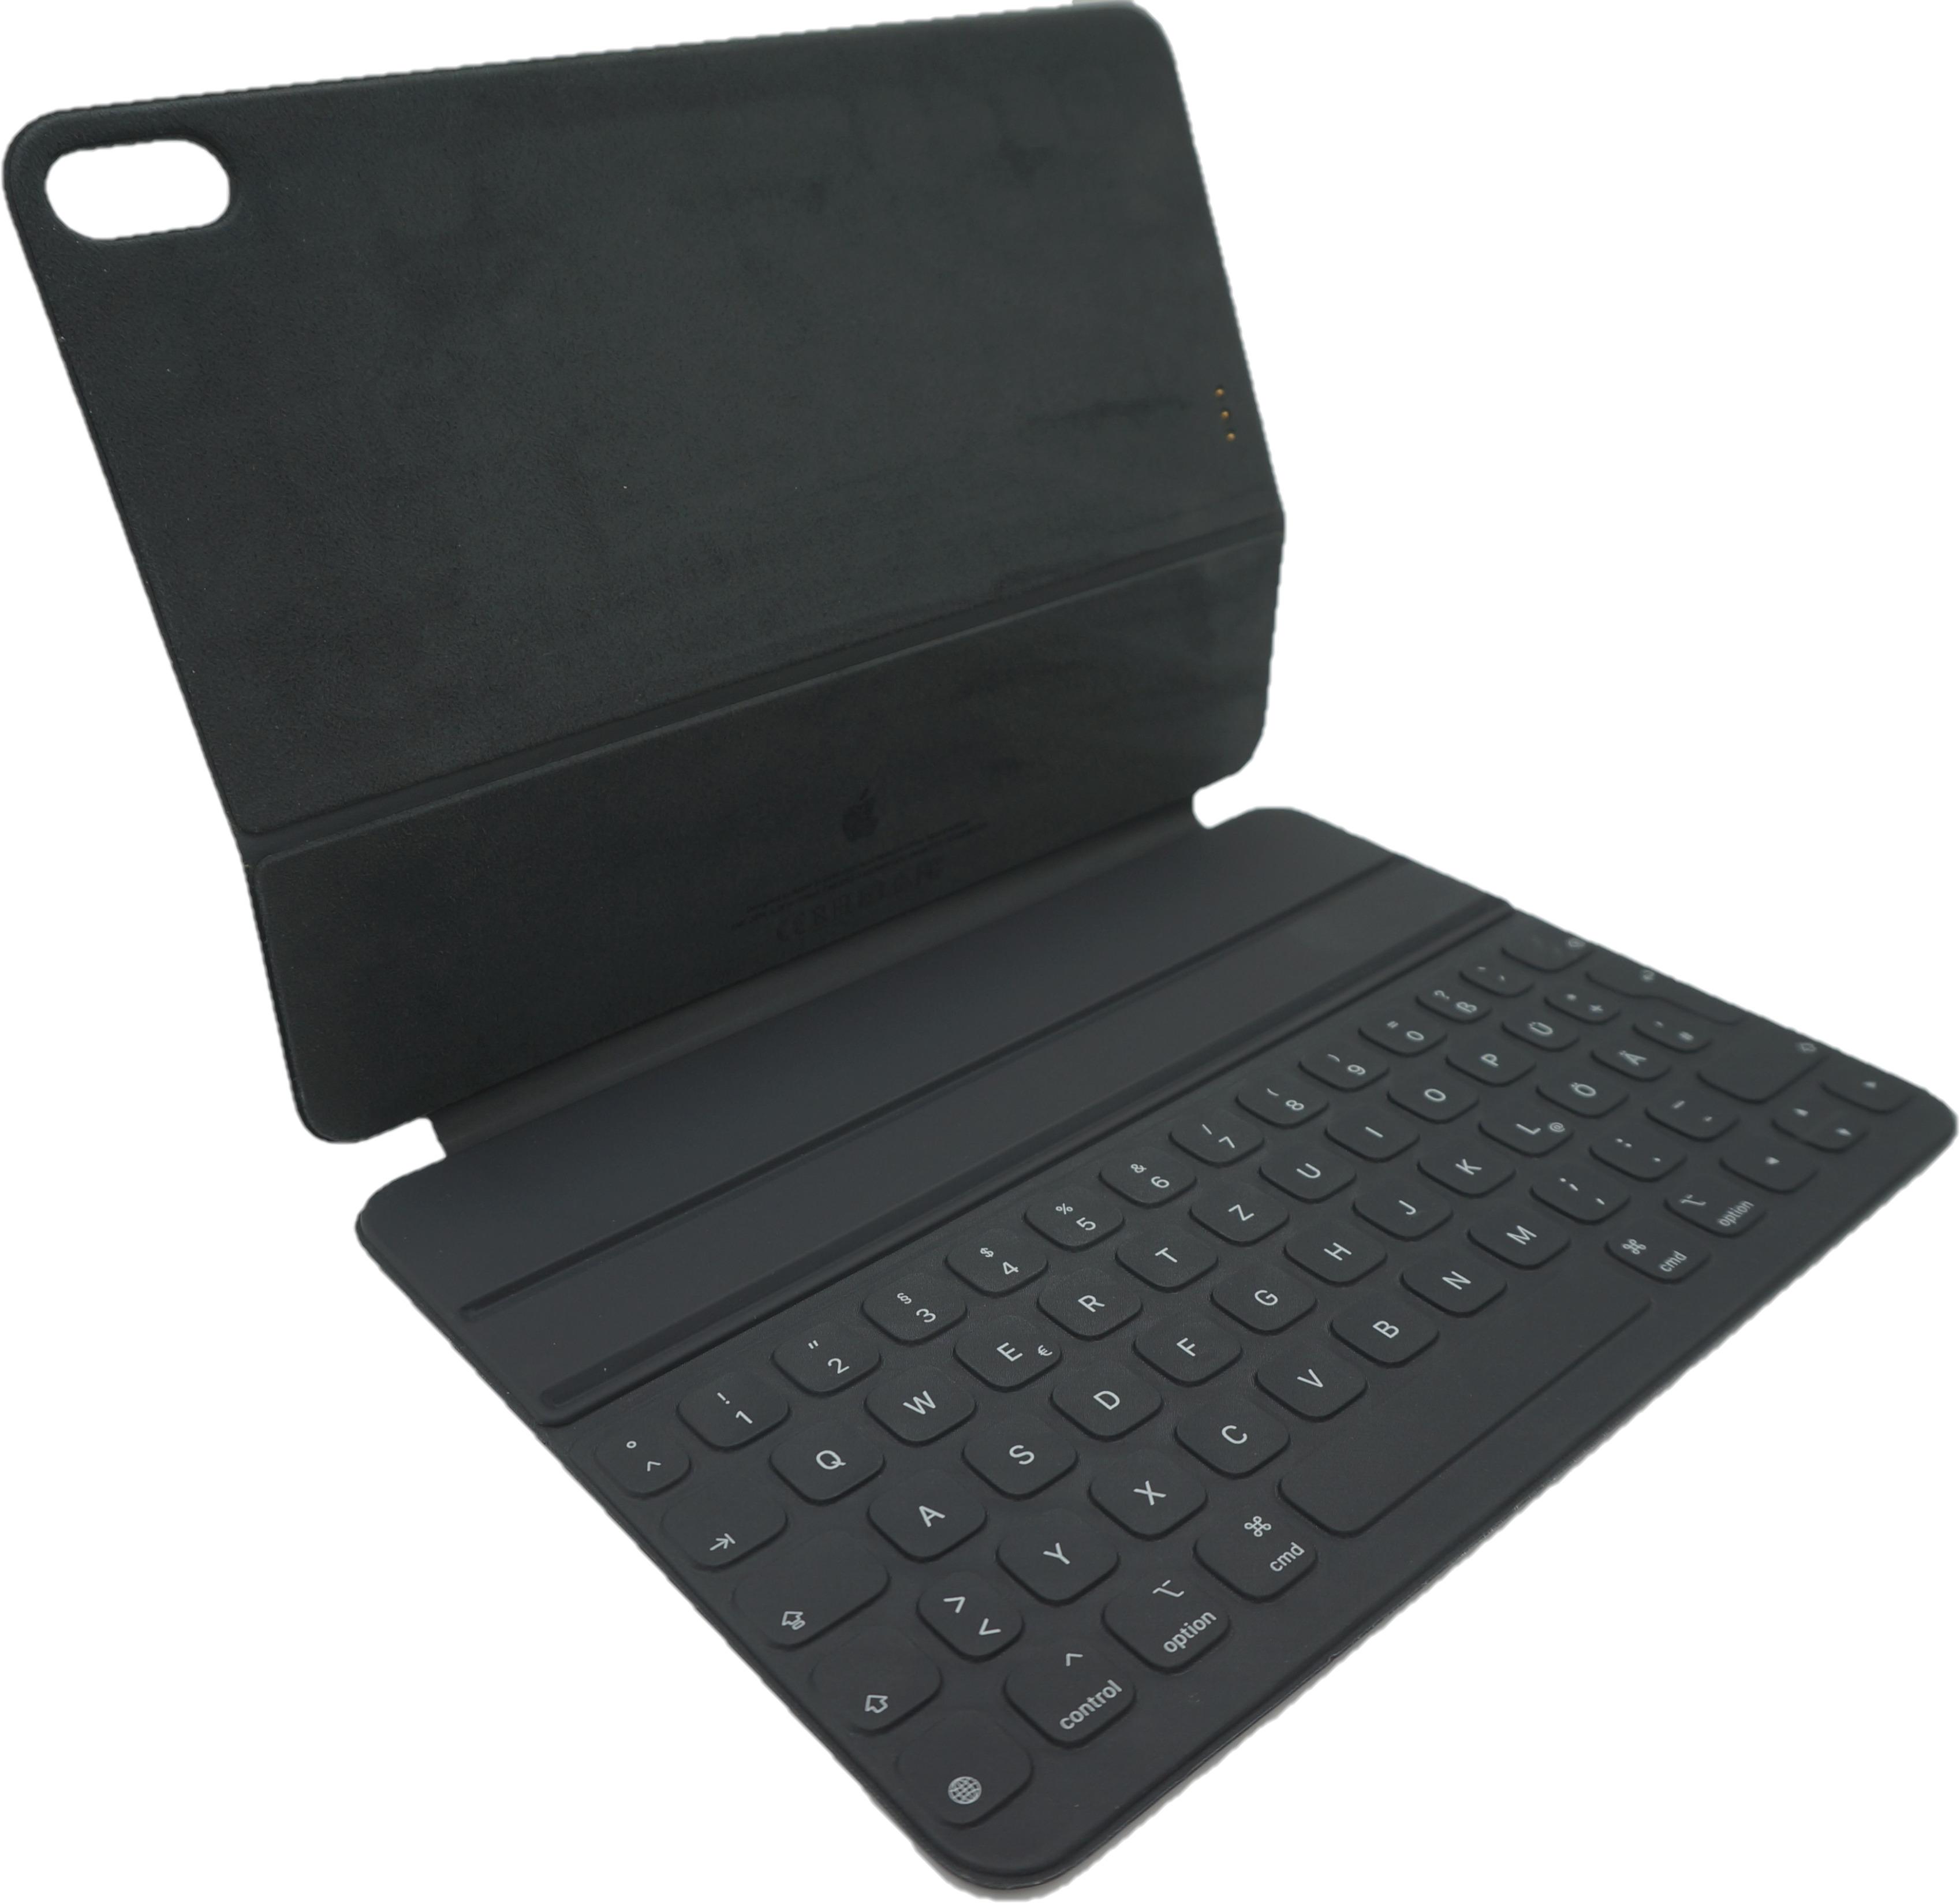 Gebrauchte Notebooks, Handies, Computer mit Garantie